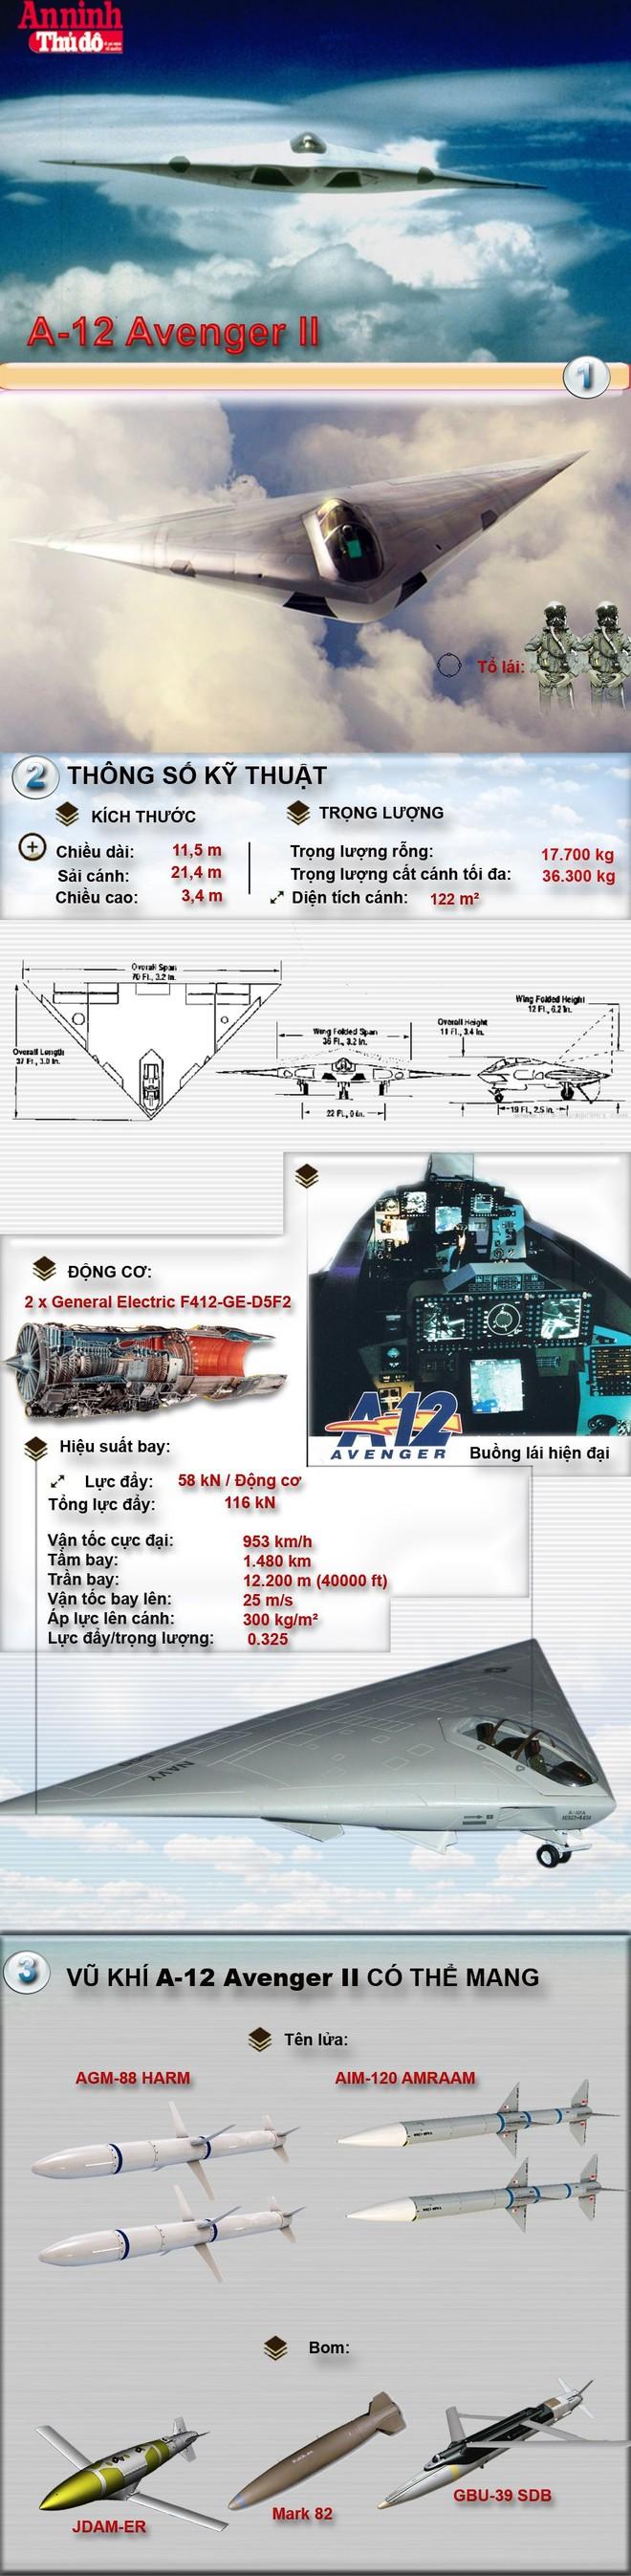 [Infographic] A-12 Avenger II - Cánh Dơi tàng hình chết yểu của không lực Mỹ